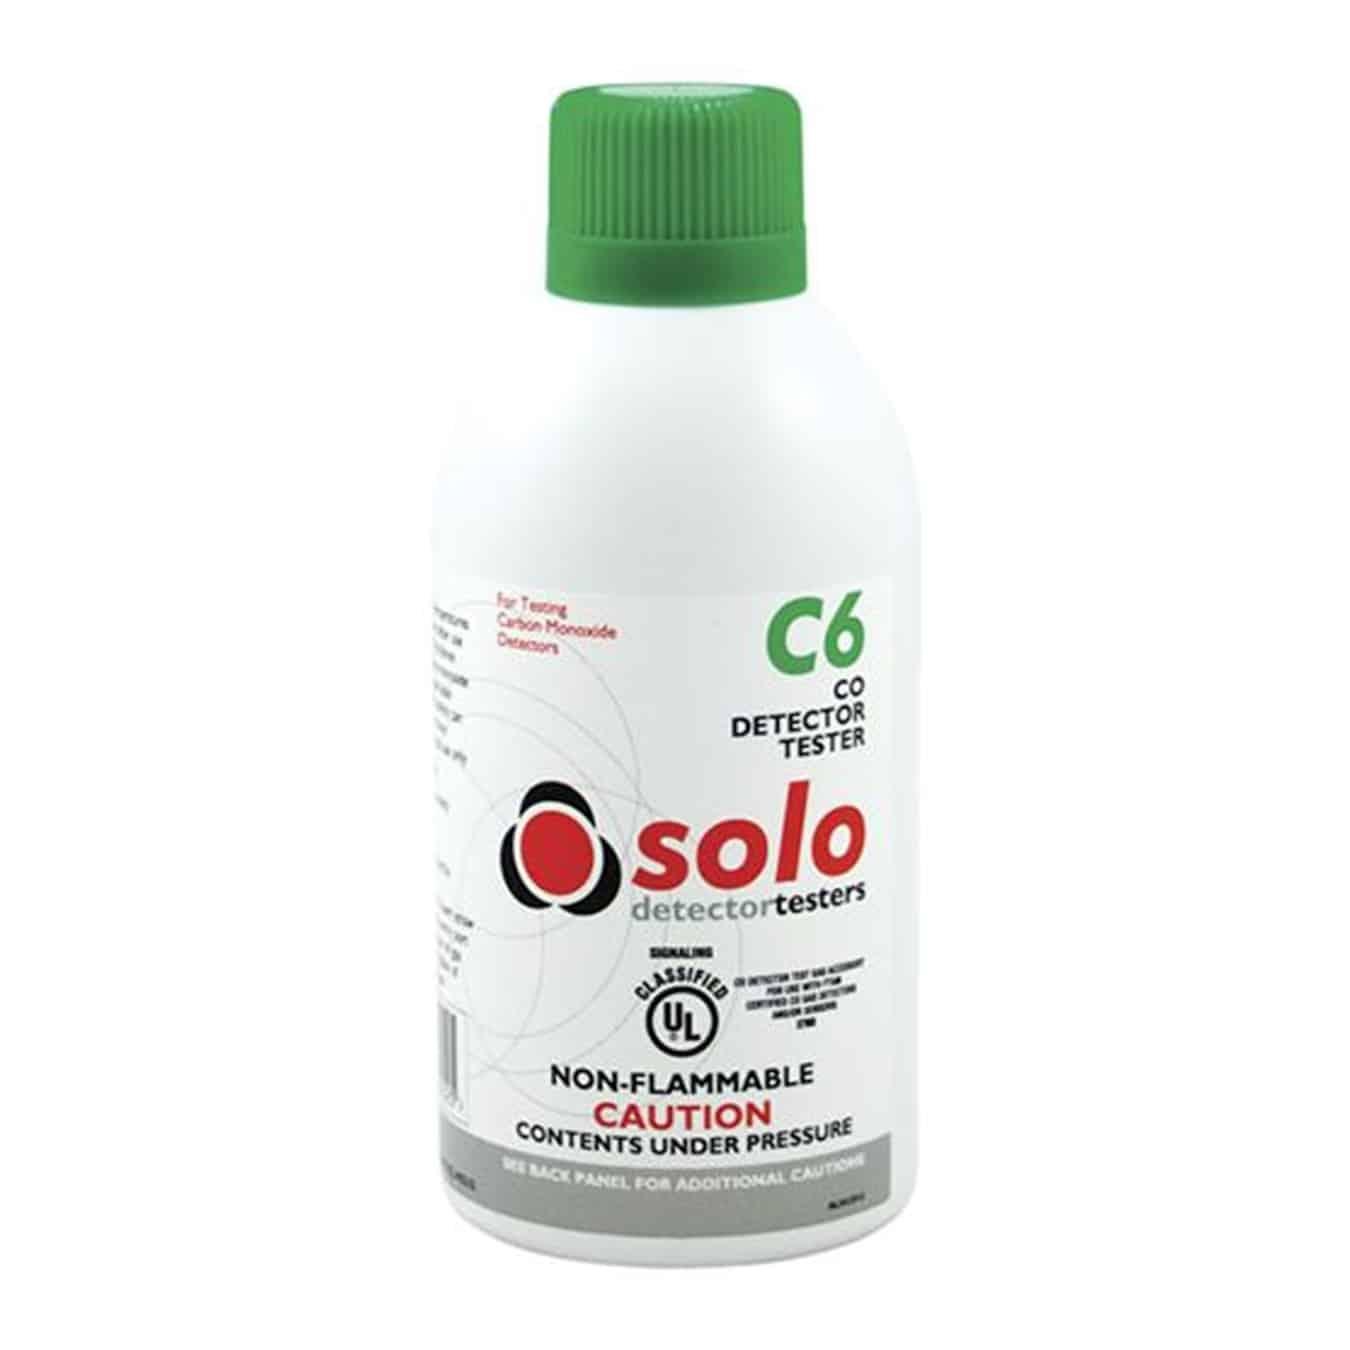 Koop Testgas koolmonoxidemelder Solo